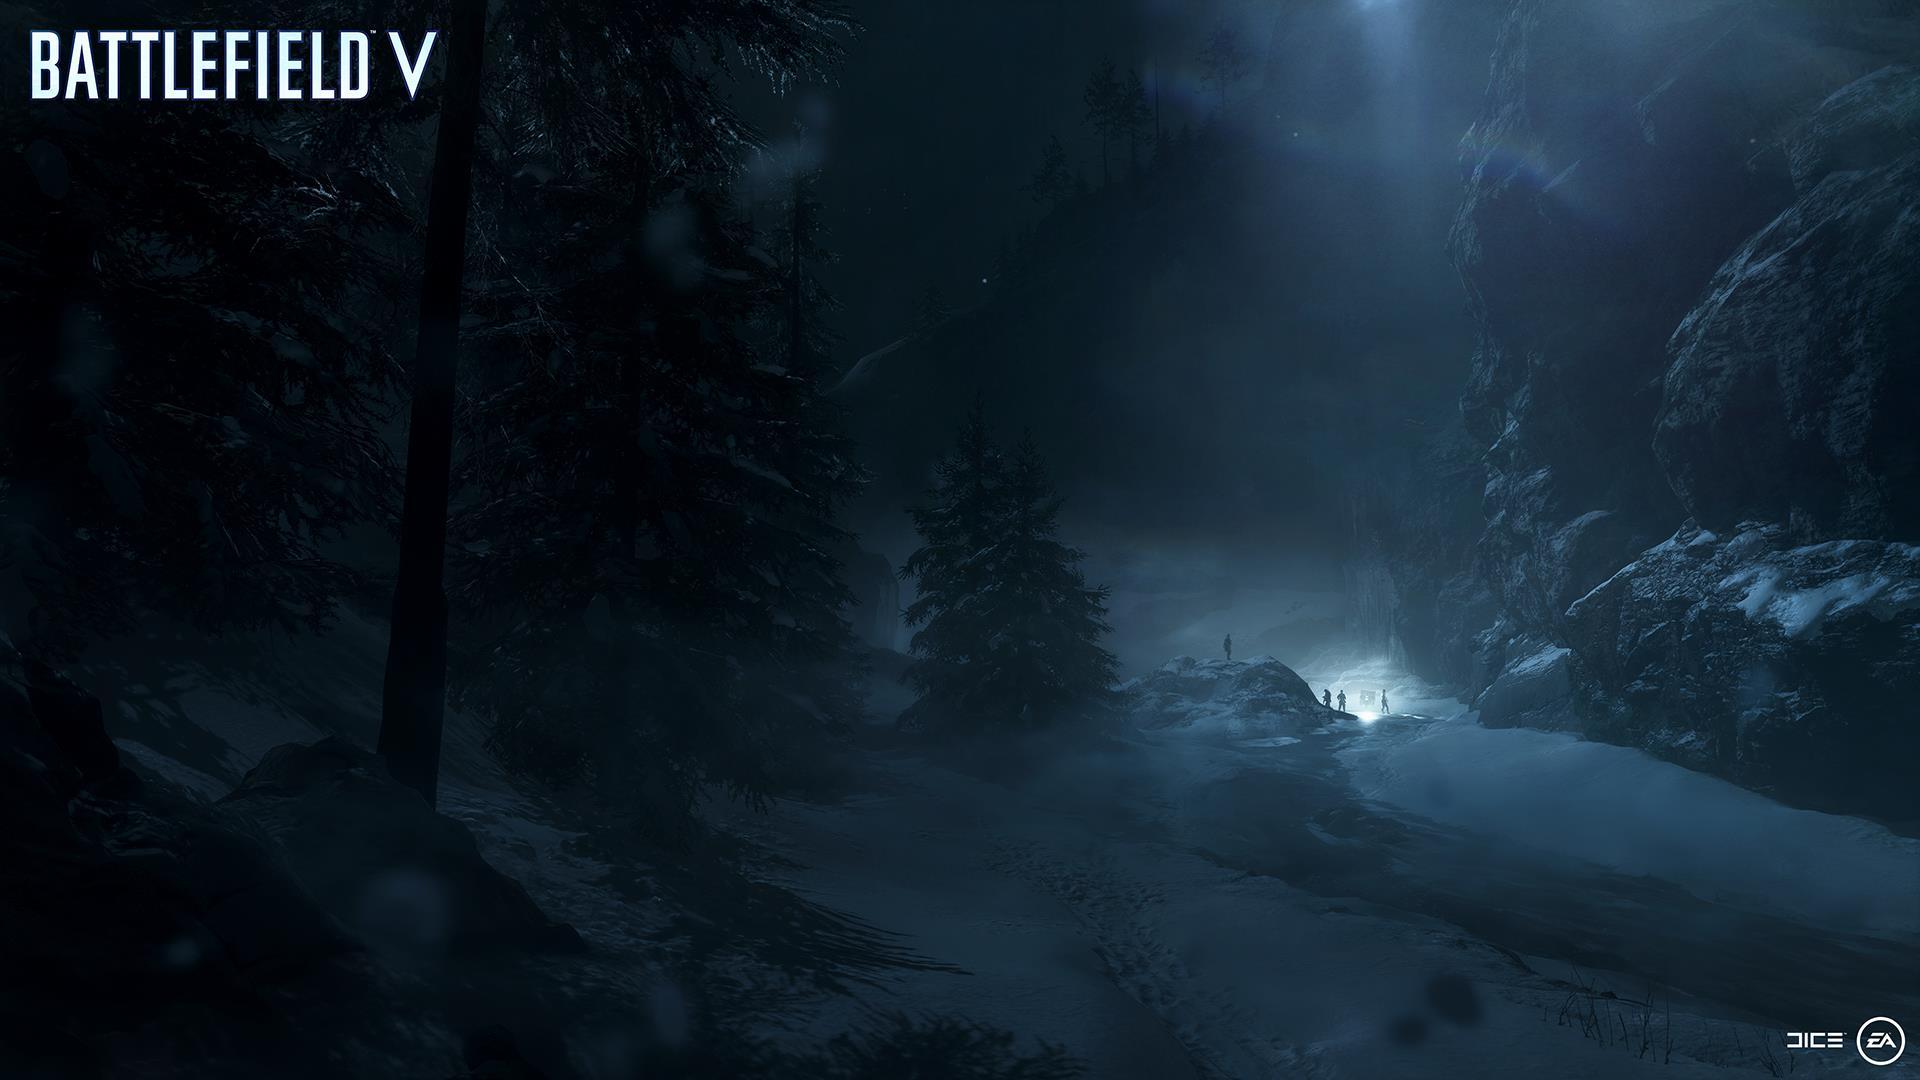 На иллюстрации изображён снимок экрана (скриншот) из одиночной кампании Battlefield V из «военной истории» под названием «Аврора»